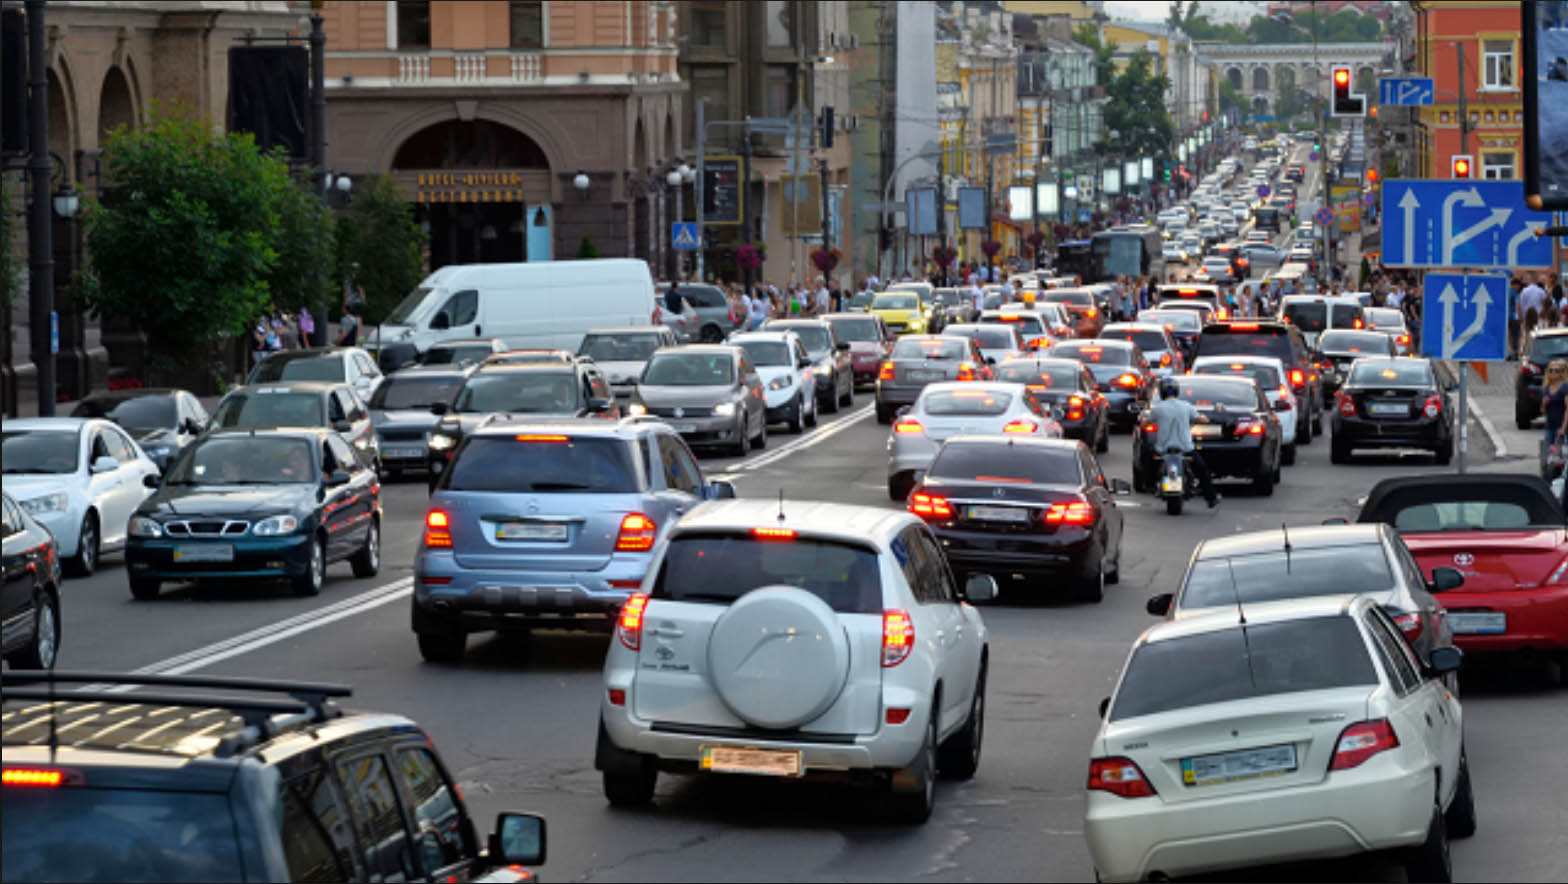 Затори у Києві: на яких вулицях обмежений рух - інавгурація, затори, водії, авто - 485hg